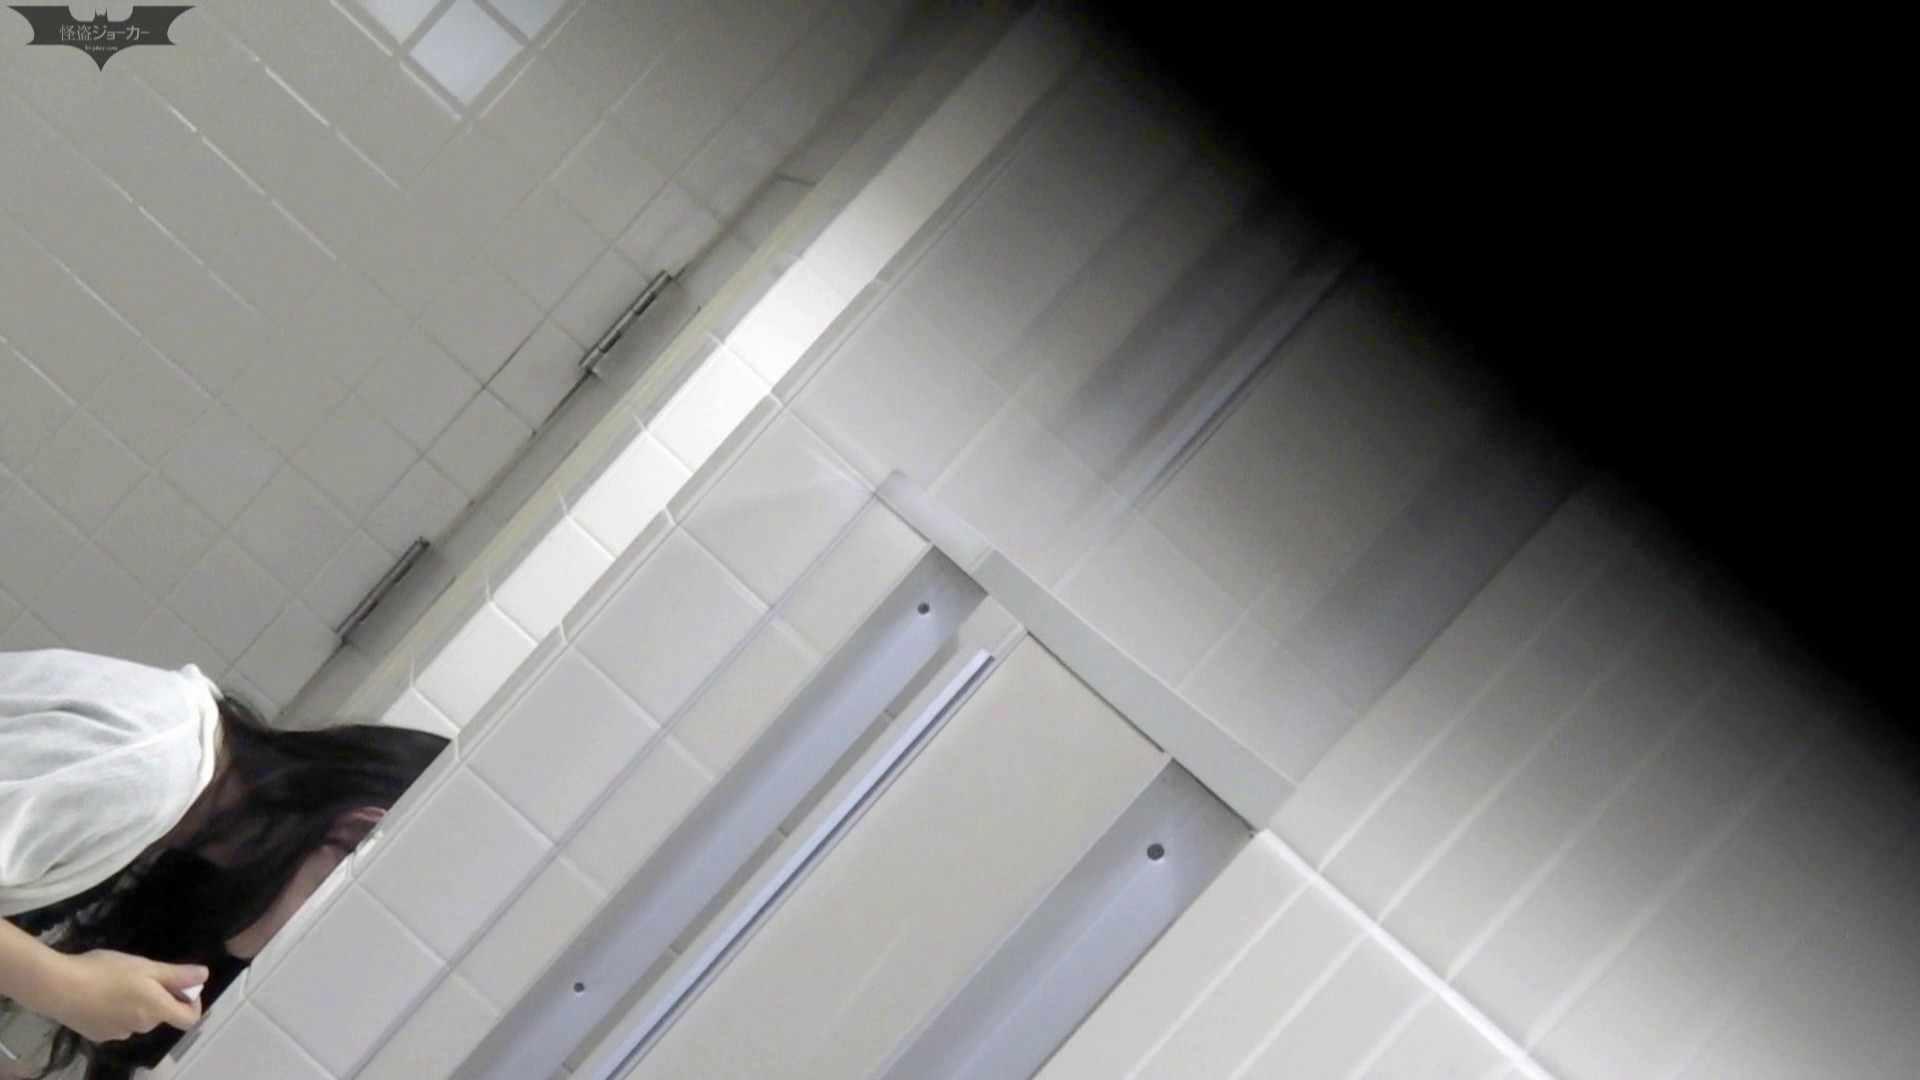 お銀 vol.68 無謀に通路に飛び出て一番明るいフロント撮り実現、見所満載 美人   洗面所  105pic 61